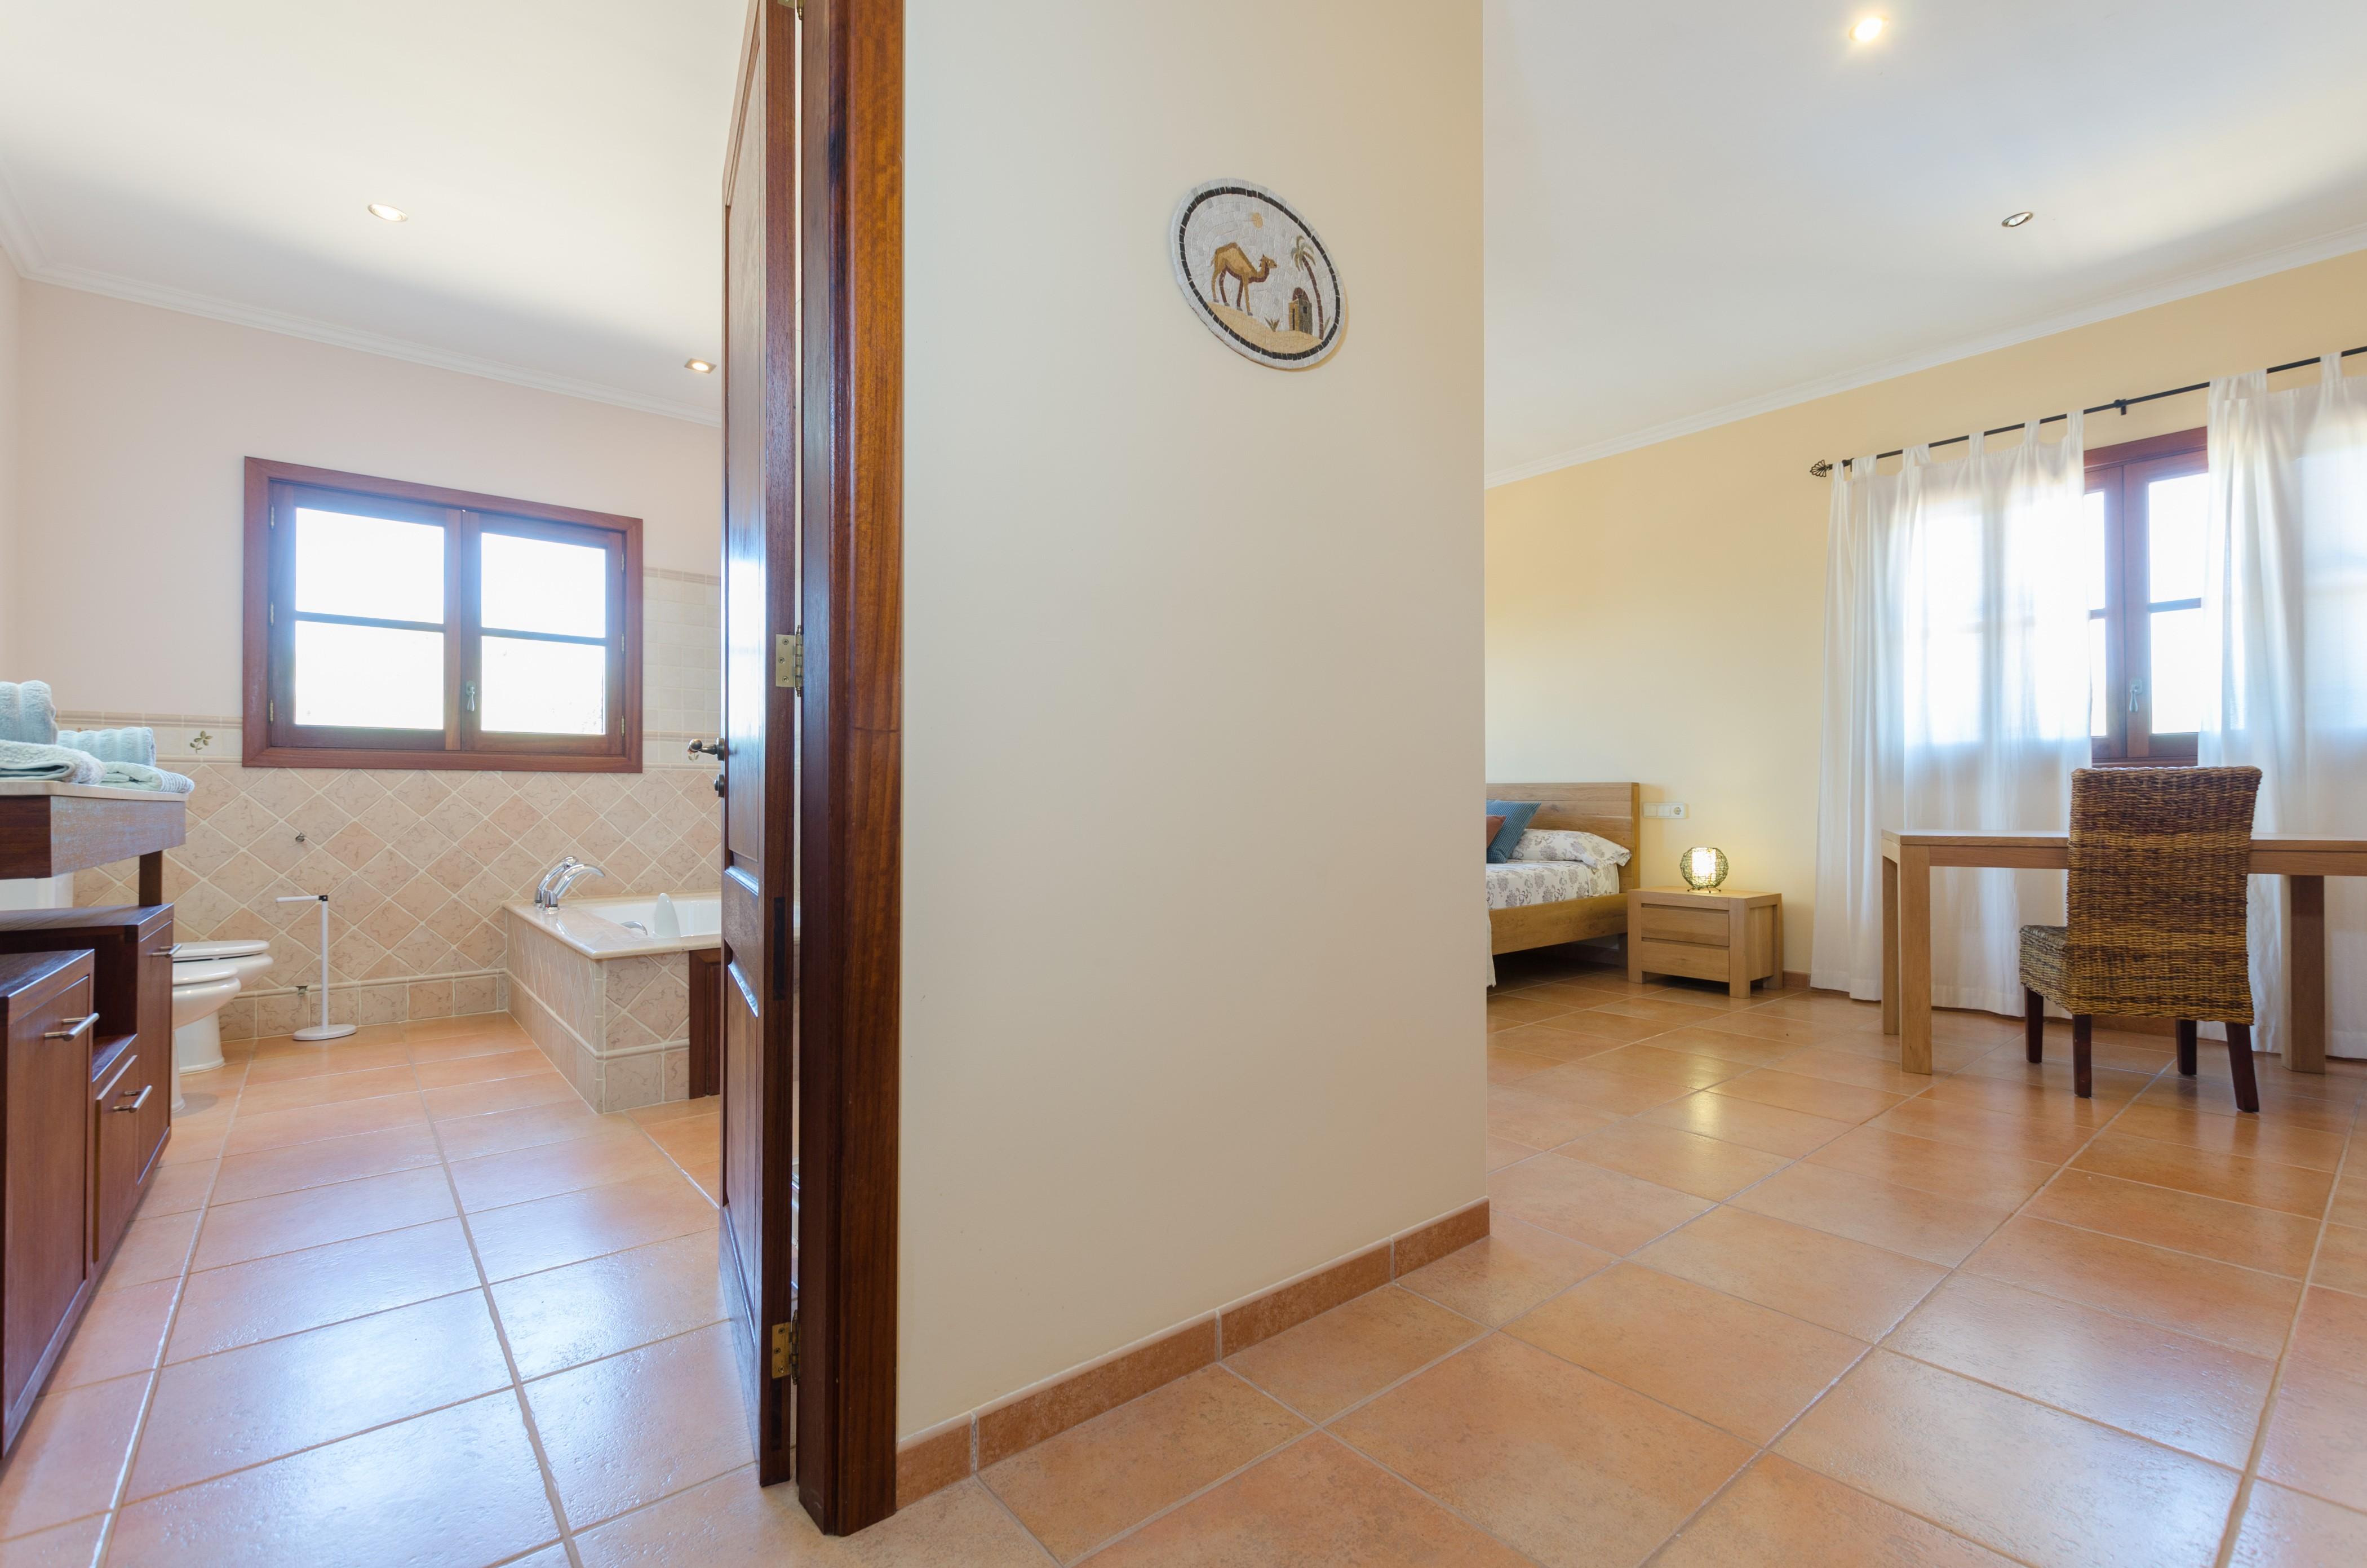 Maison de vacances ES VEDAT (2632993), Lloret de Vistalegre, Majorque, Iles Baléares, Espagne, image 32